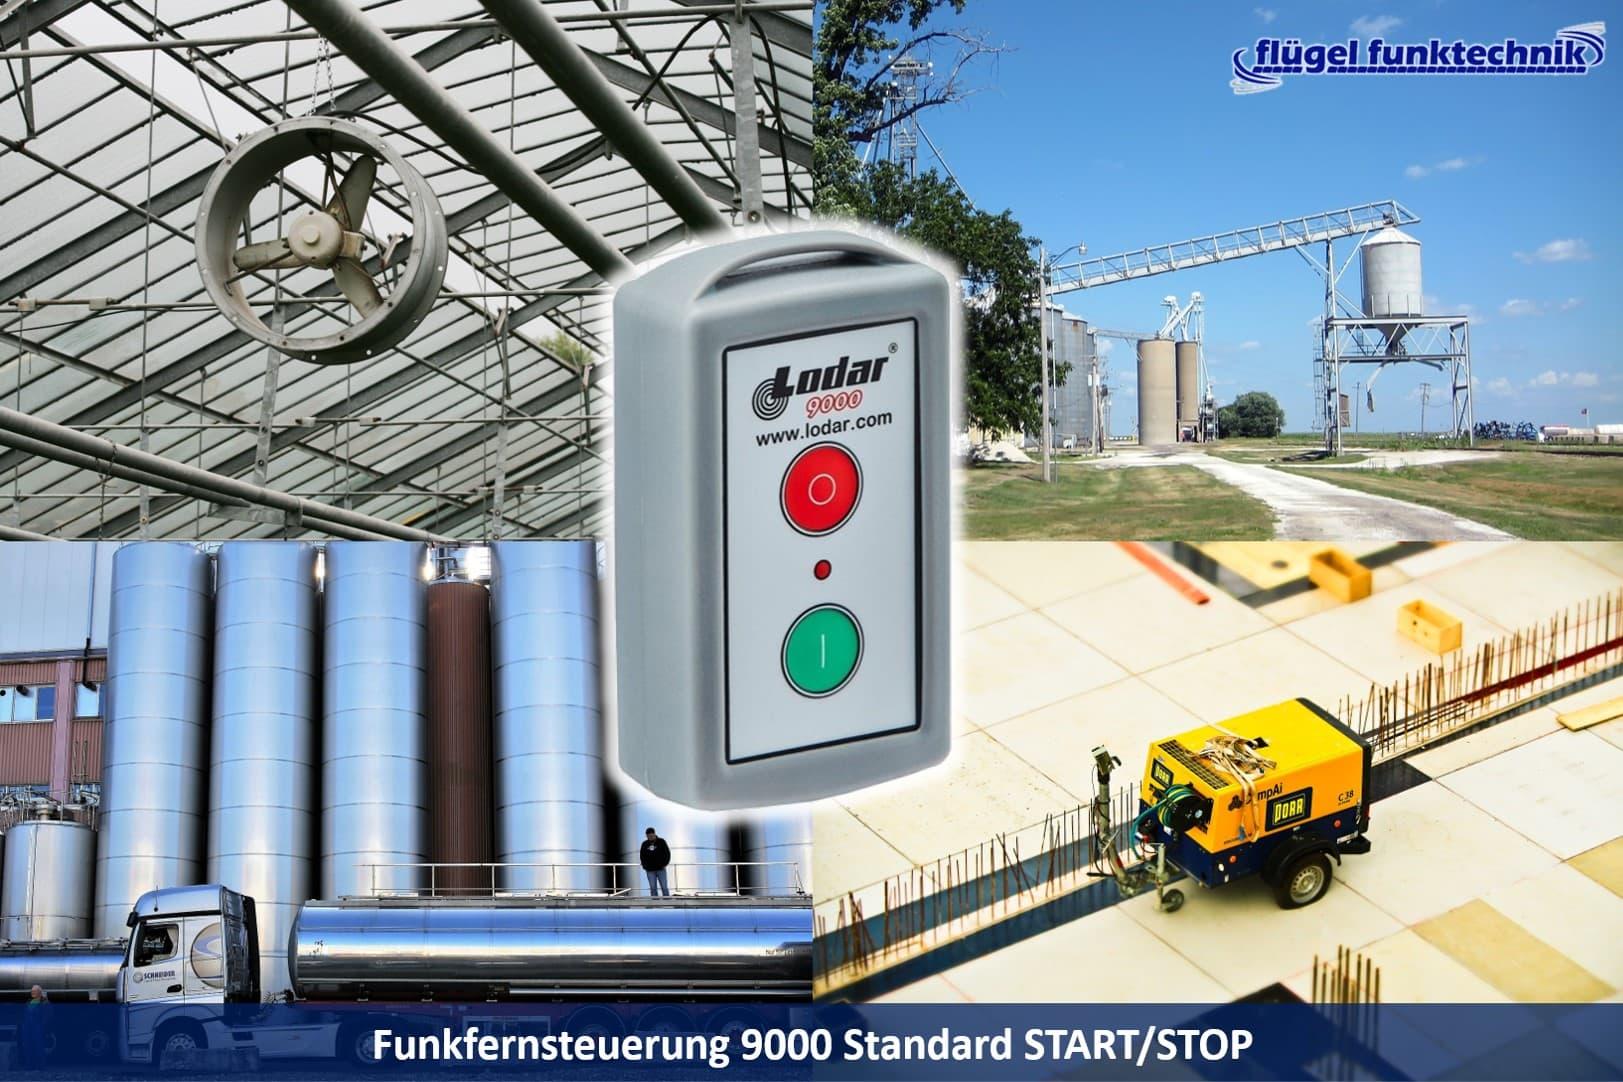 Funkfernsteuerung Start/Stop